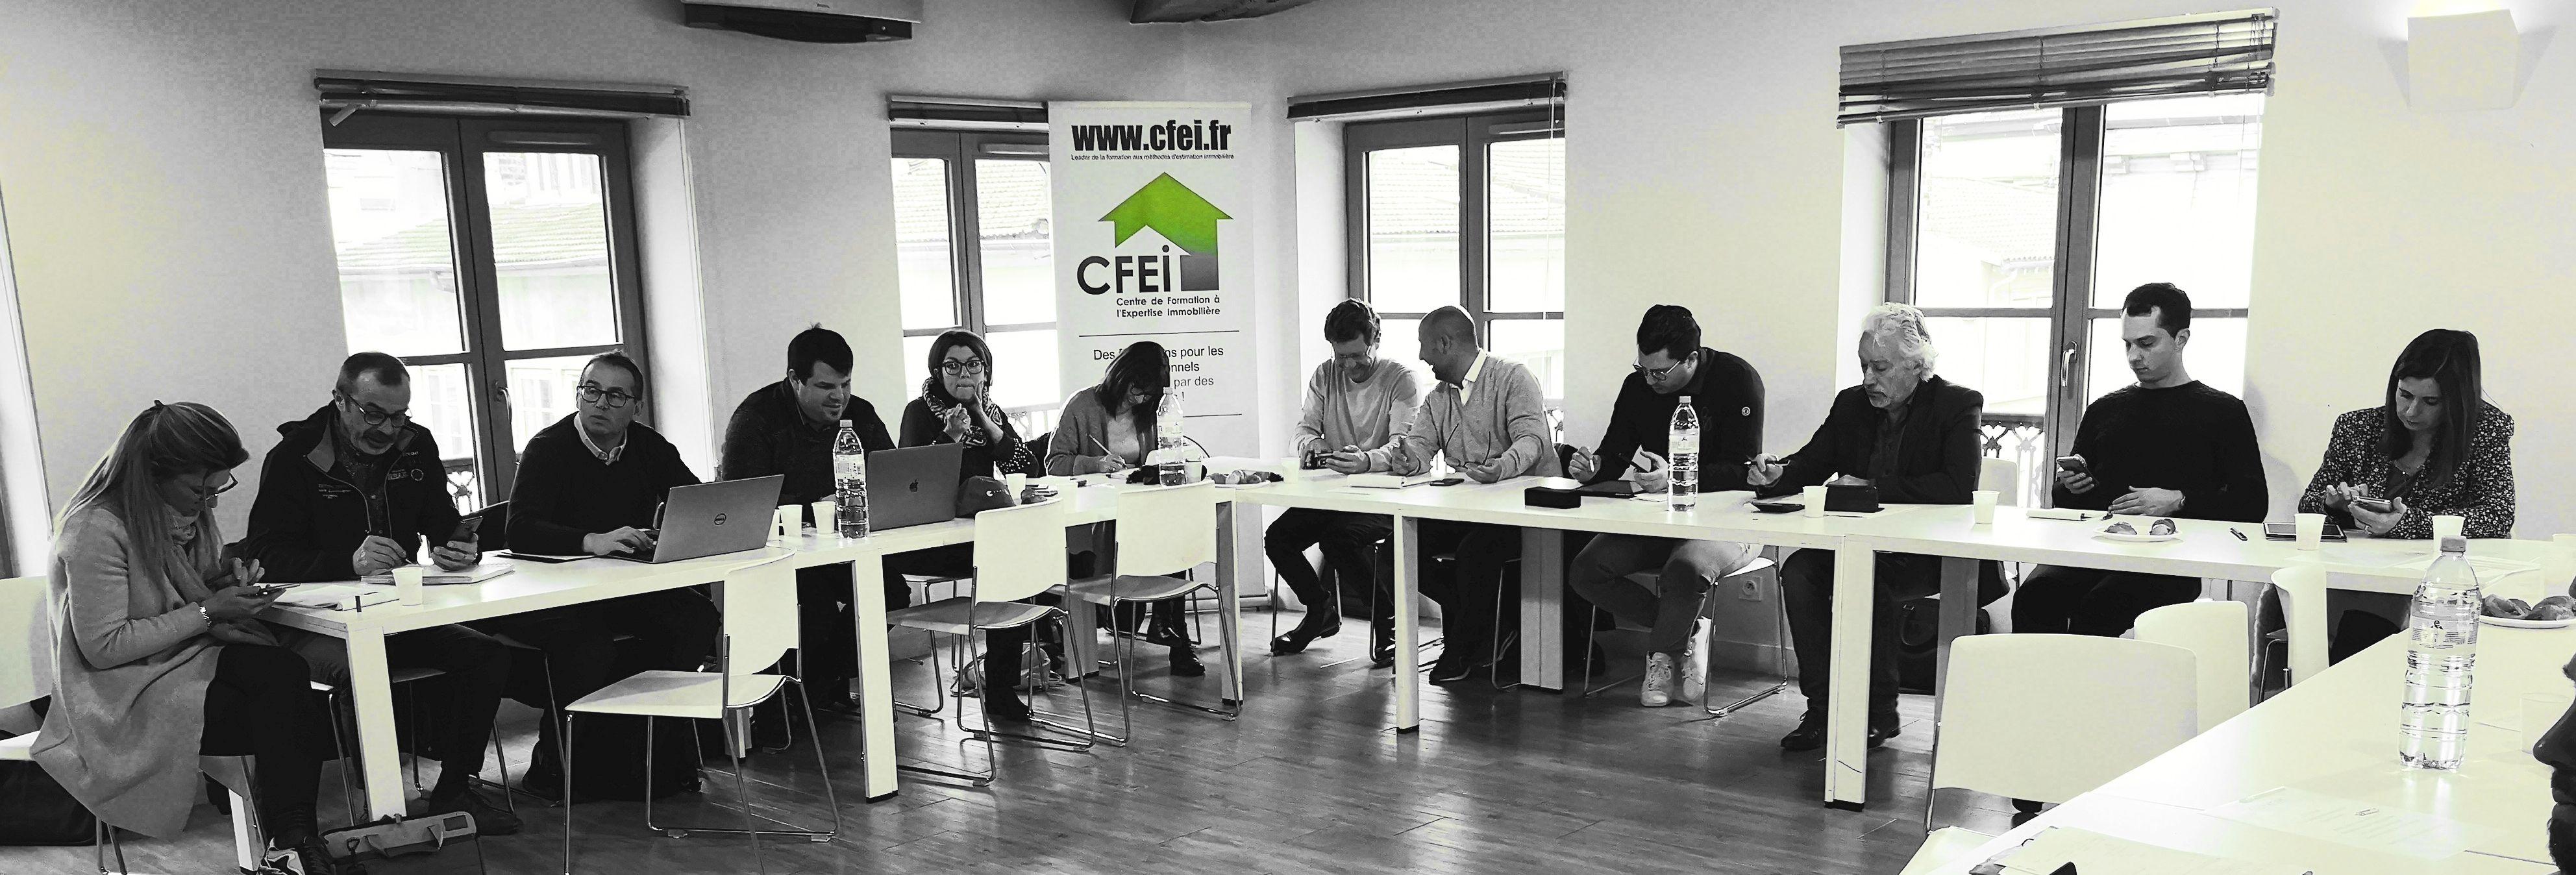 CFEI COMMENT DEVENIR EXPERT IMMOBILIER CHOISISSEZ LE LEADER FRANCOPHONE DE LA FORMATION AUX METHODES D EVALUATION